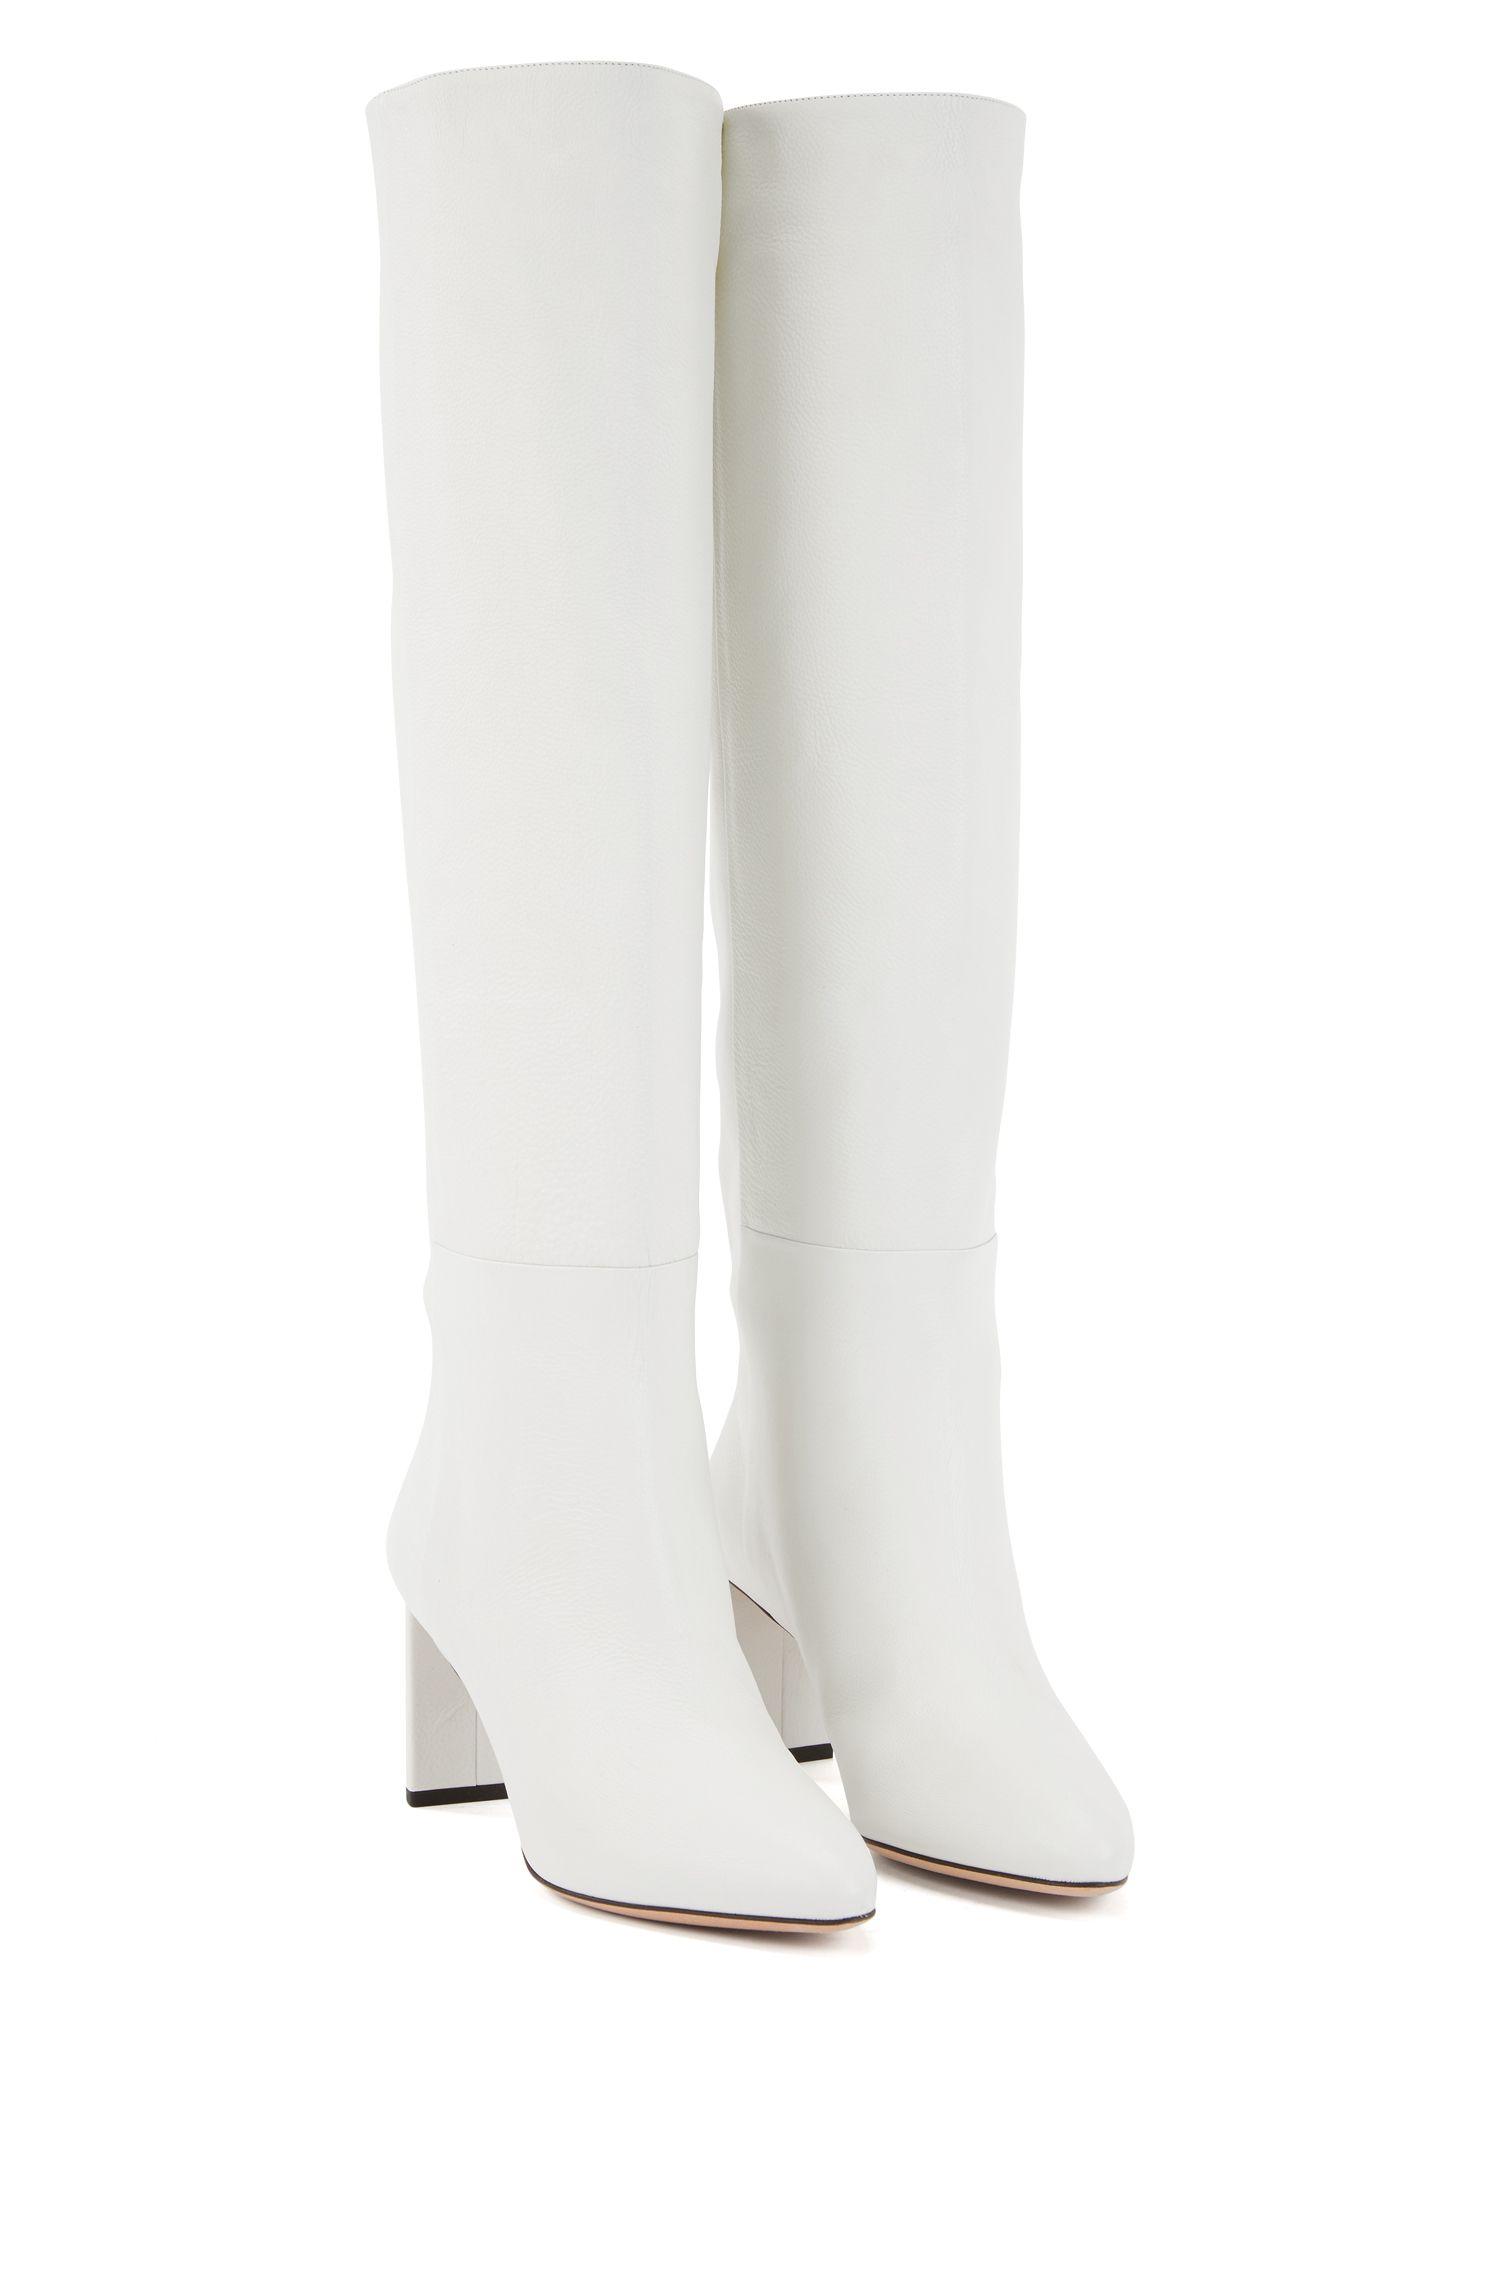 Kniehohe Boots aus italienischem Leder, Weiß